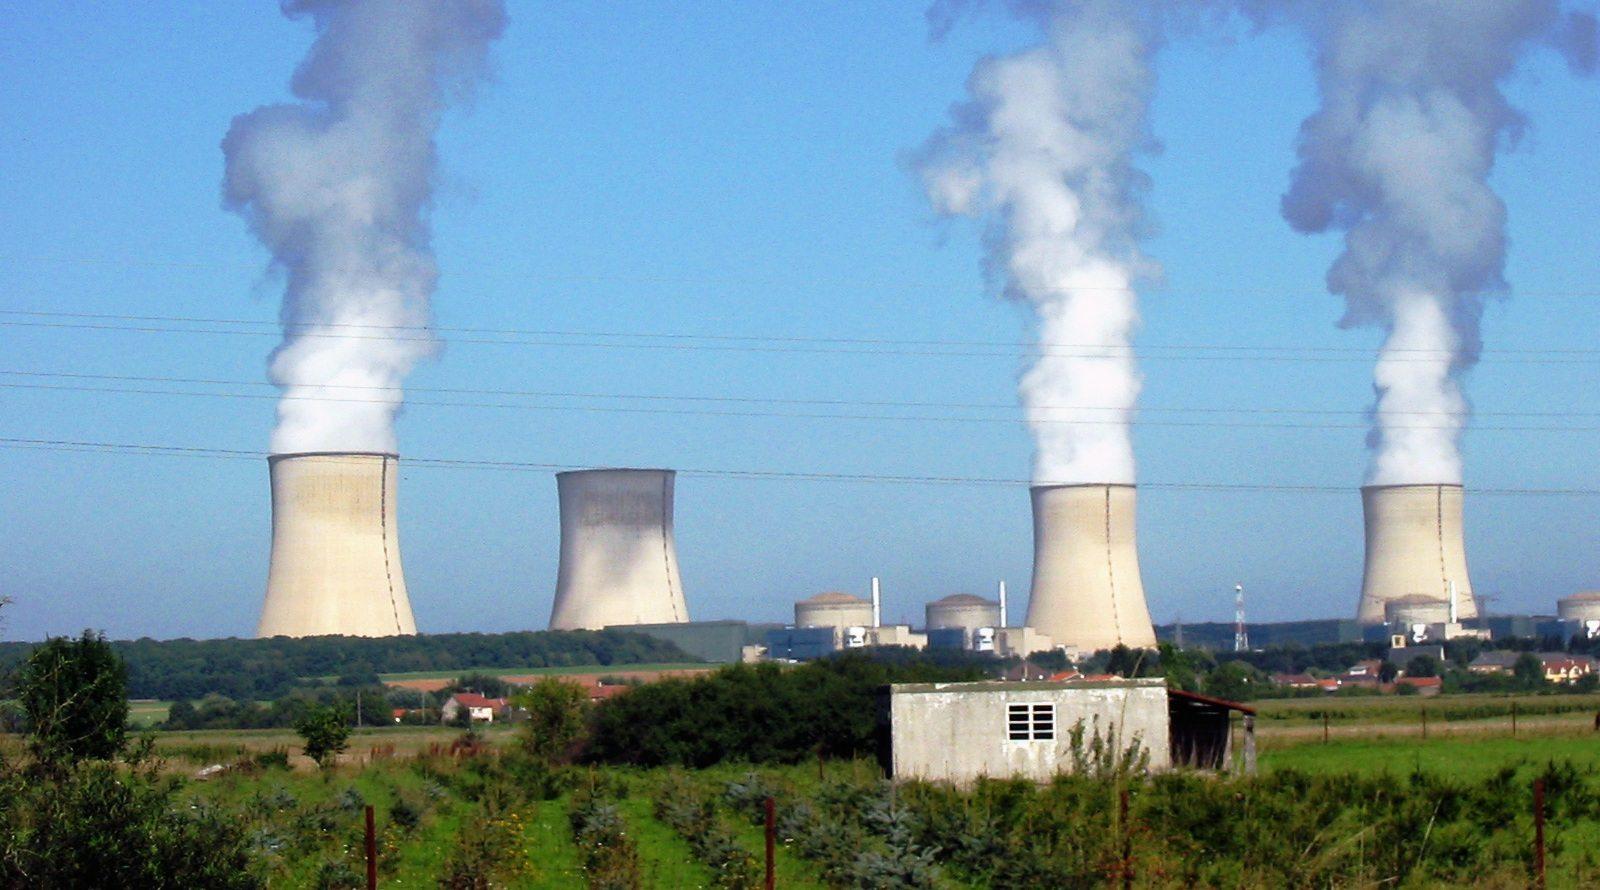 Türkiye mevcut enerji ve iklim politikalarını değiştirmezse milli geliri yüzde 50 oranında daralabilir